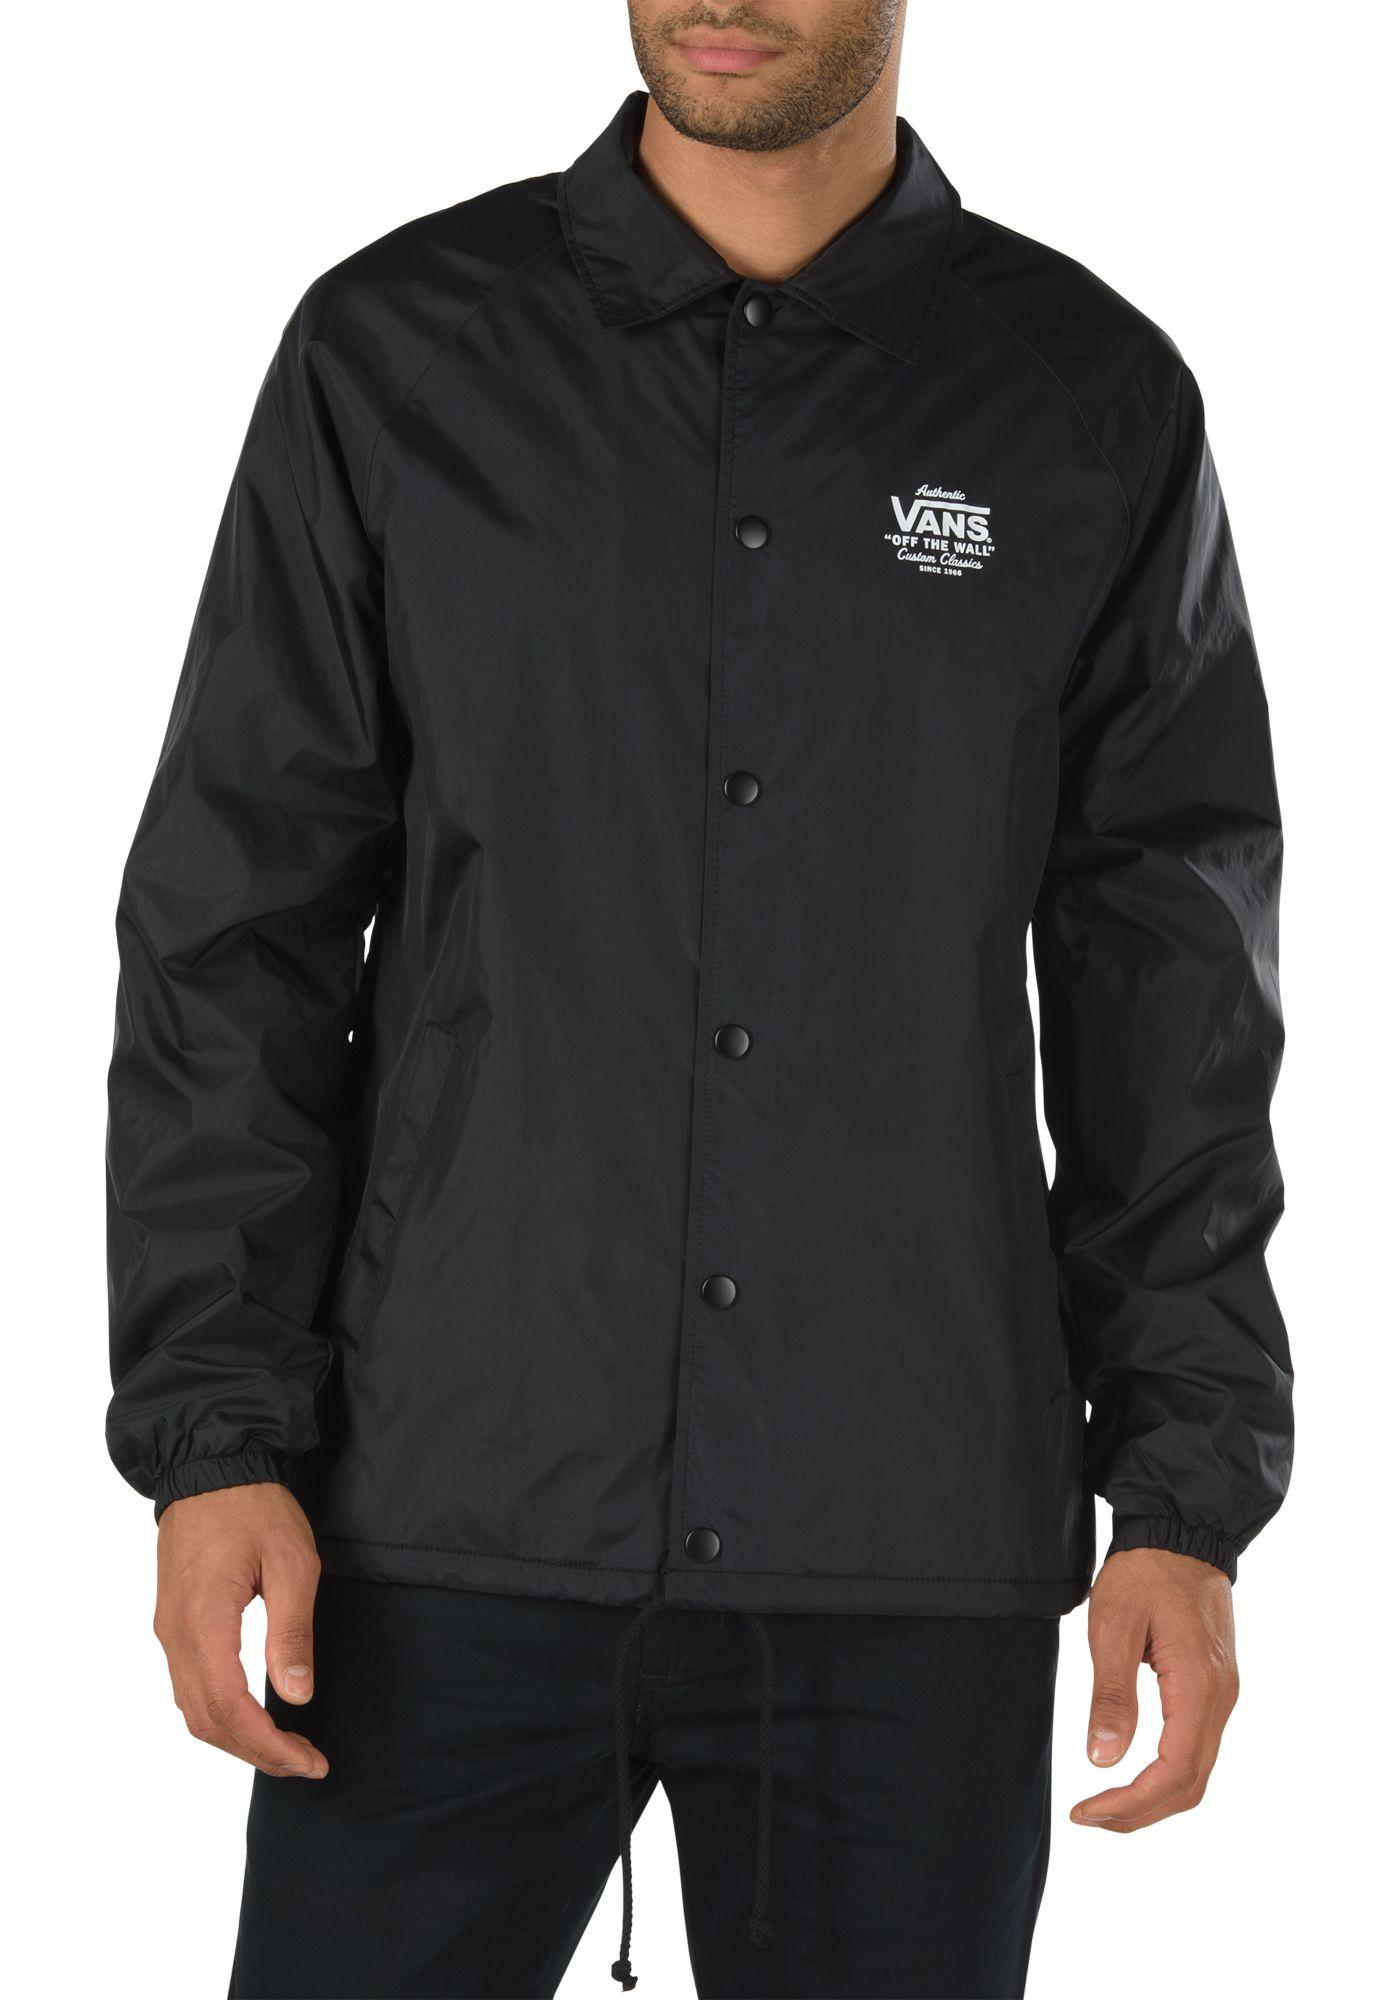 Vans Men's Torrey Coaches Jacket